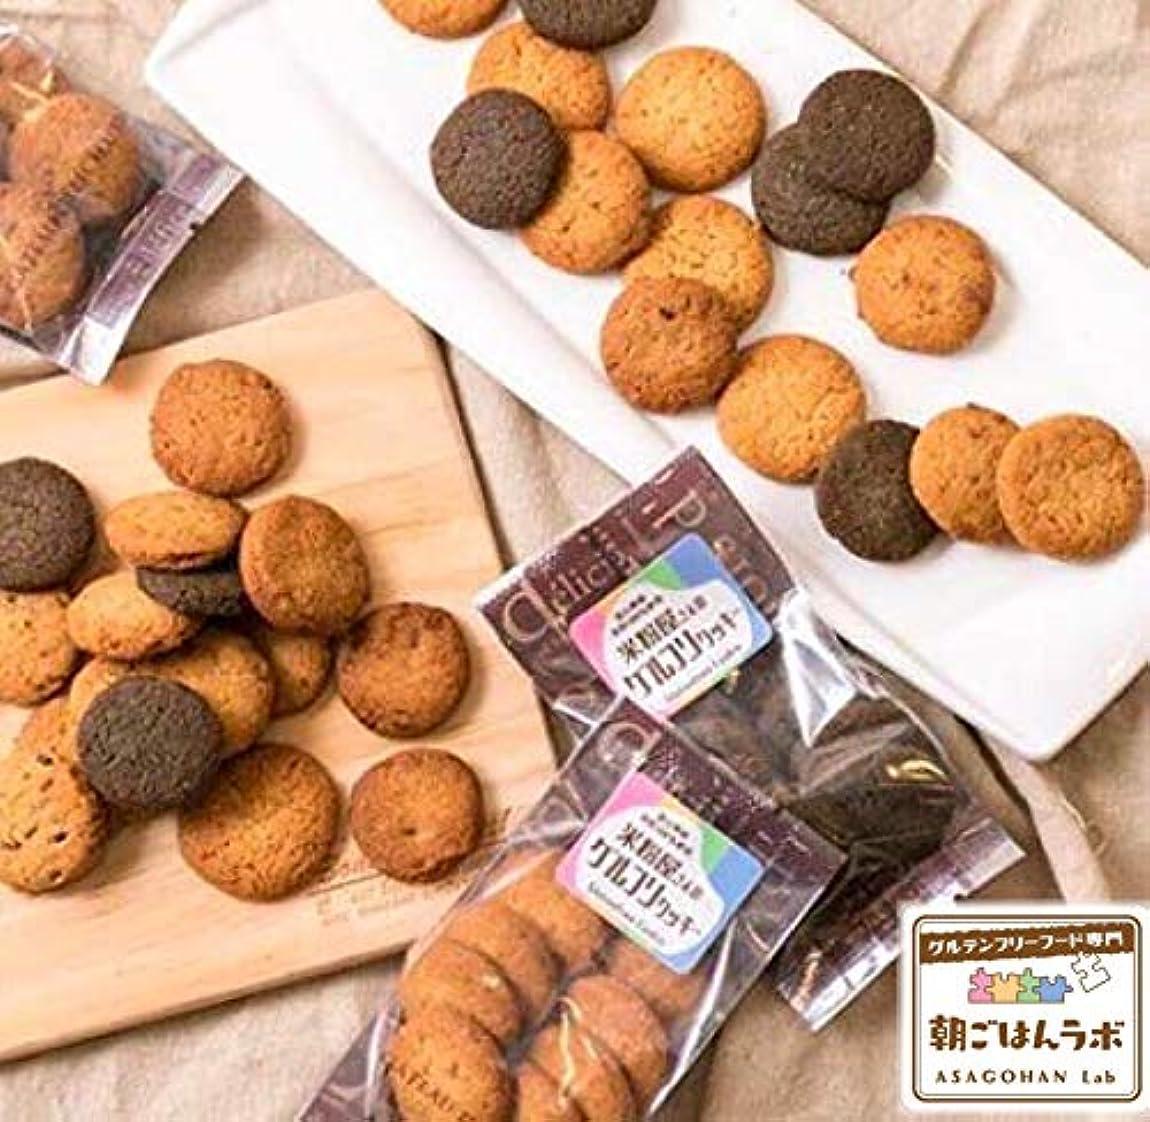 ミュート反逆ストロー米粉屋さんのグルフリクッキー  (小袋 8袋) グルテンフリー 朝ごはんラボ